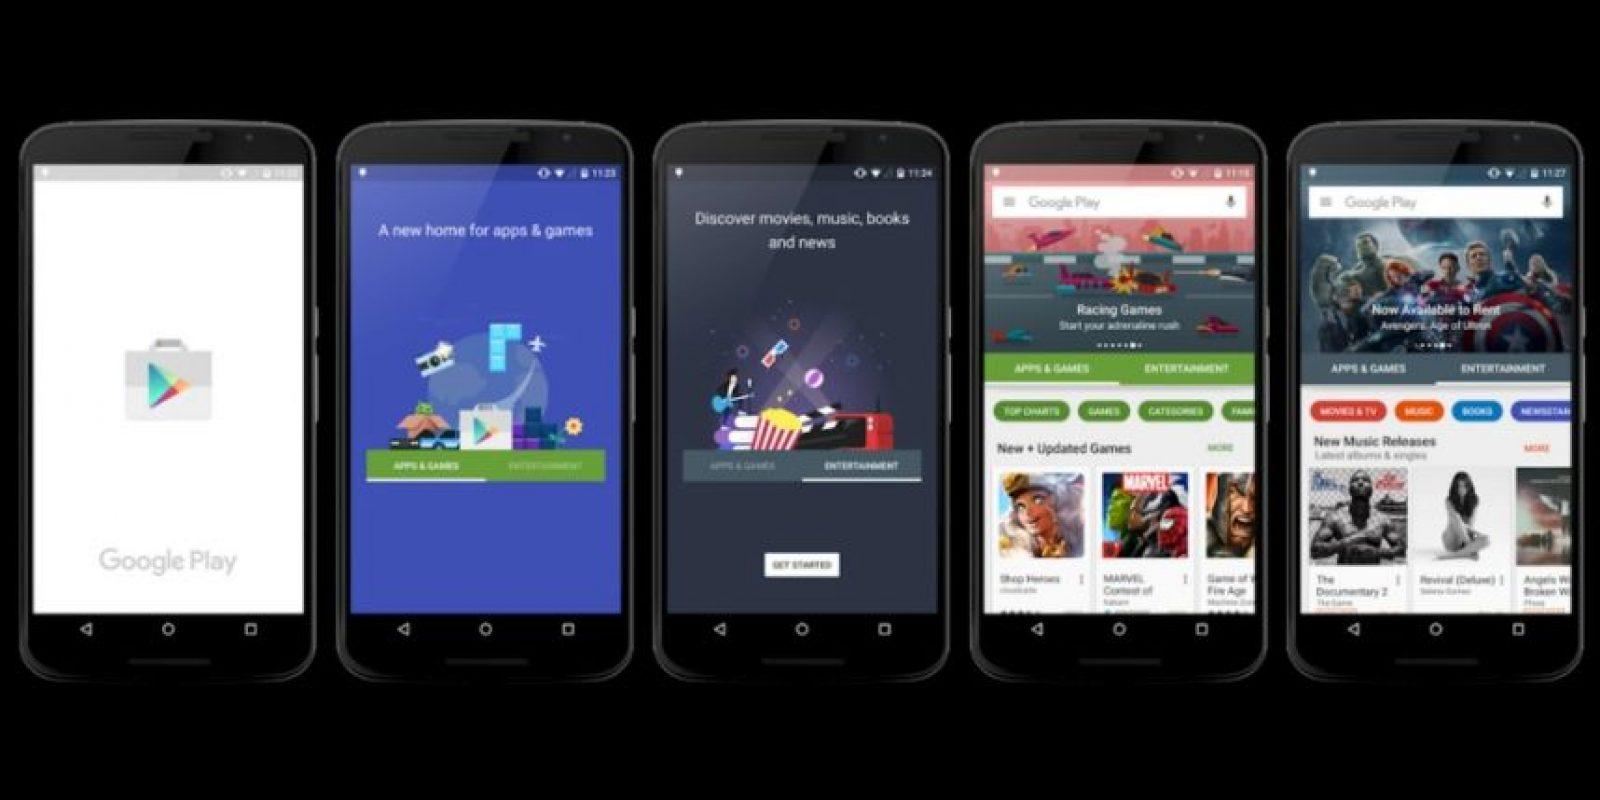 Esta será la introducción a la versión 5.0 Foto:vía plus.google.com/+KirillGrouchnikov